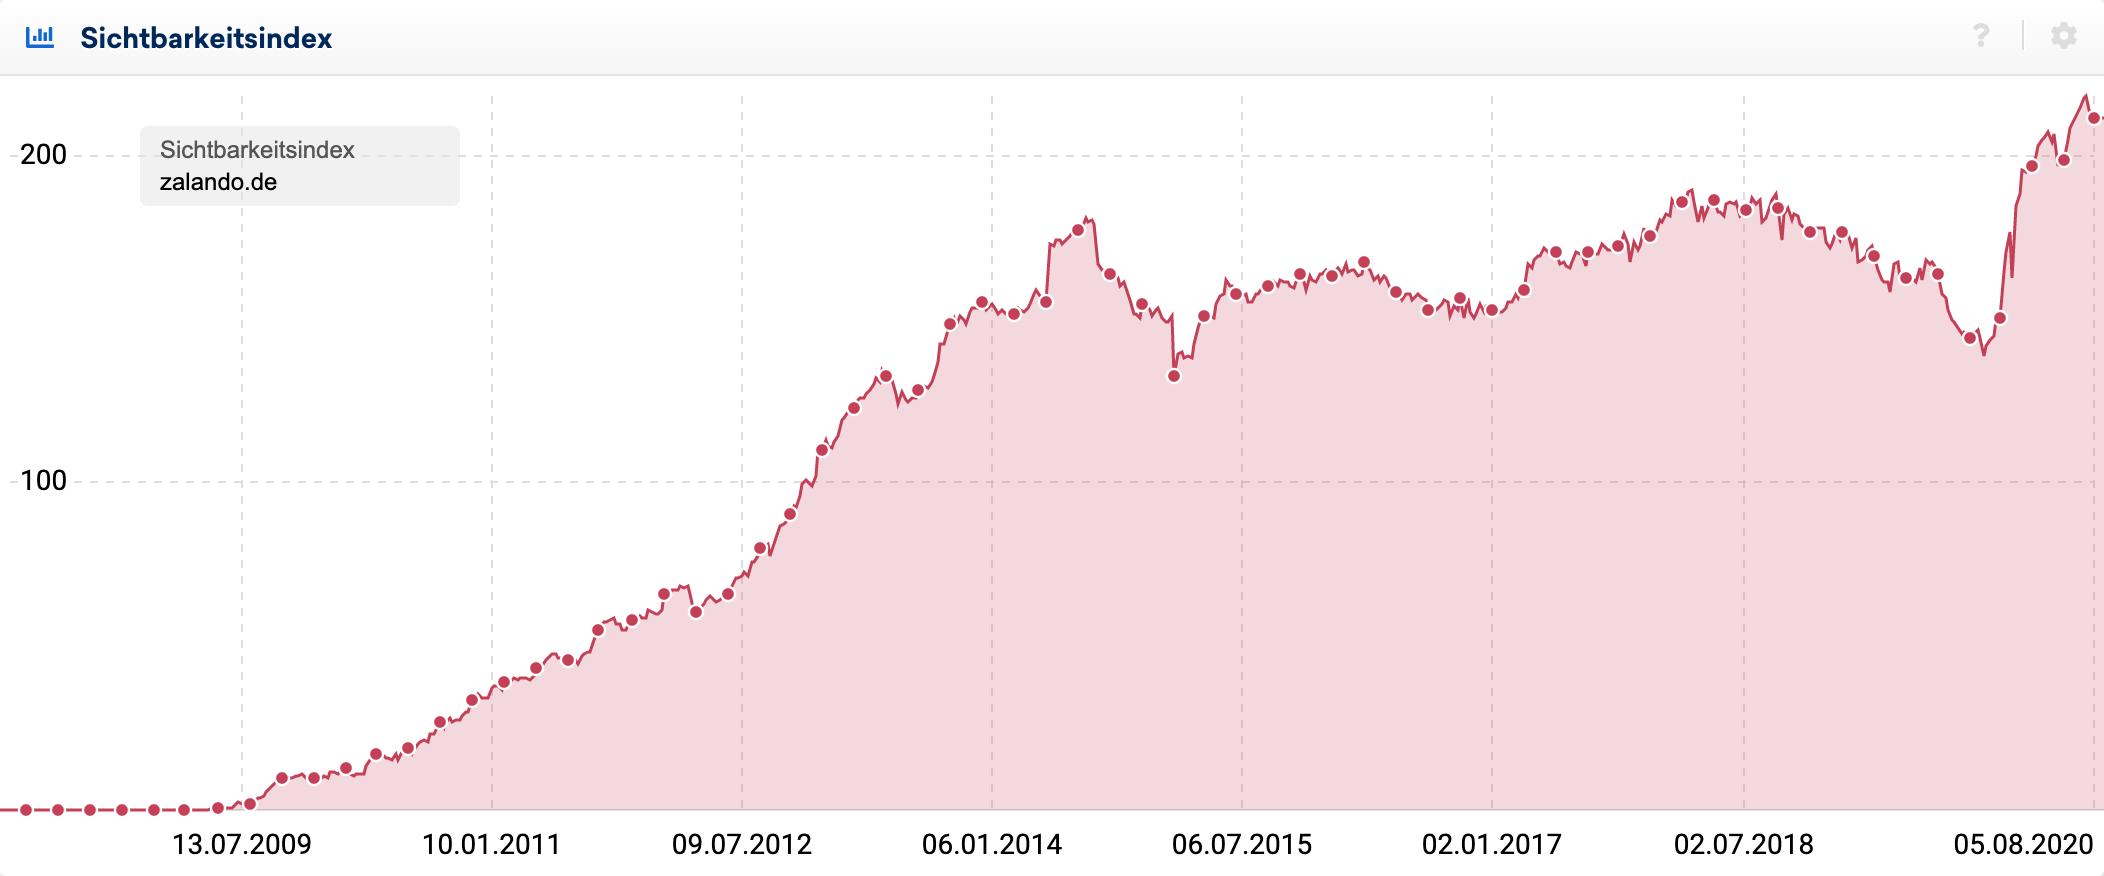 Screenshot des Sichtbarkeitsindex-Verlaufs für die Domain zalando.de für den deutschen Markt. Nach einem starken Anstieg zwischen 2009 und 2014 hat die Domain seitdem die eigene Sichtbarkeit verteidigt.